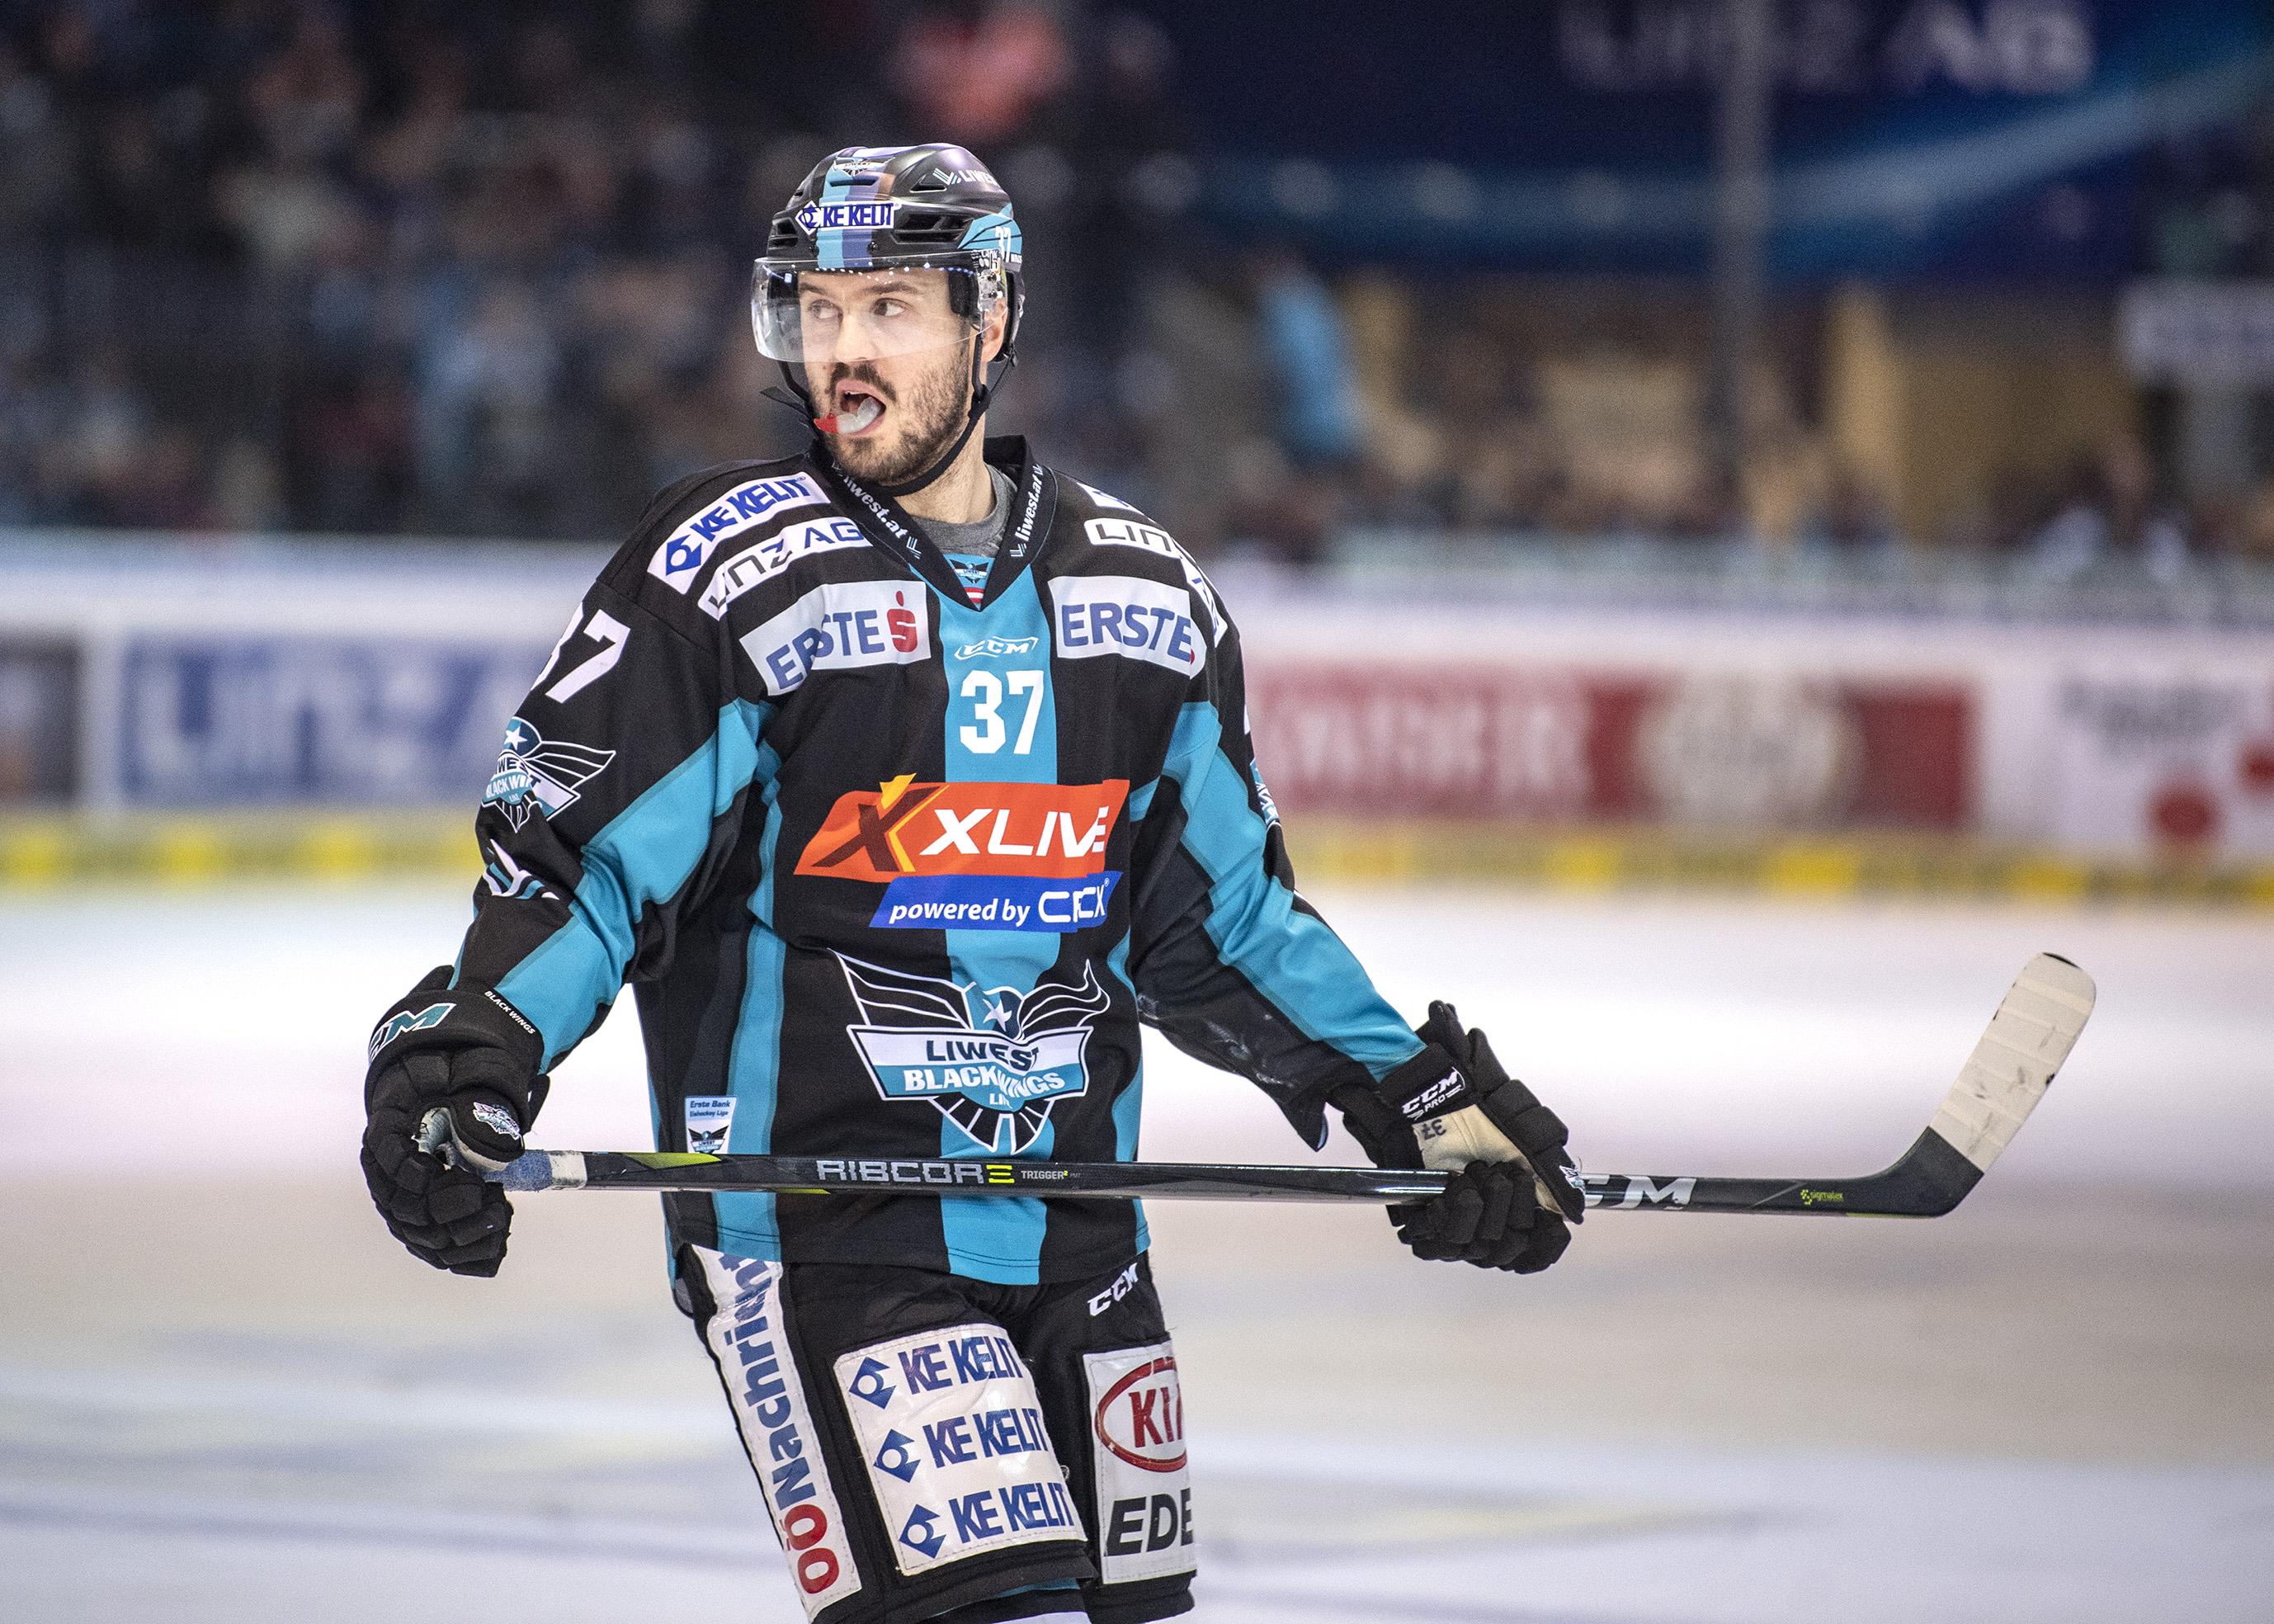 Linz Mehrjahresverträge Für Drei österreicher Eishockey Magazin